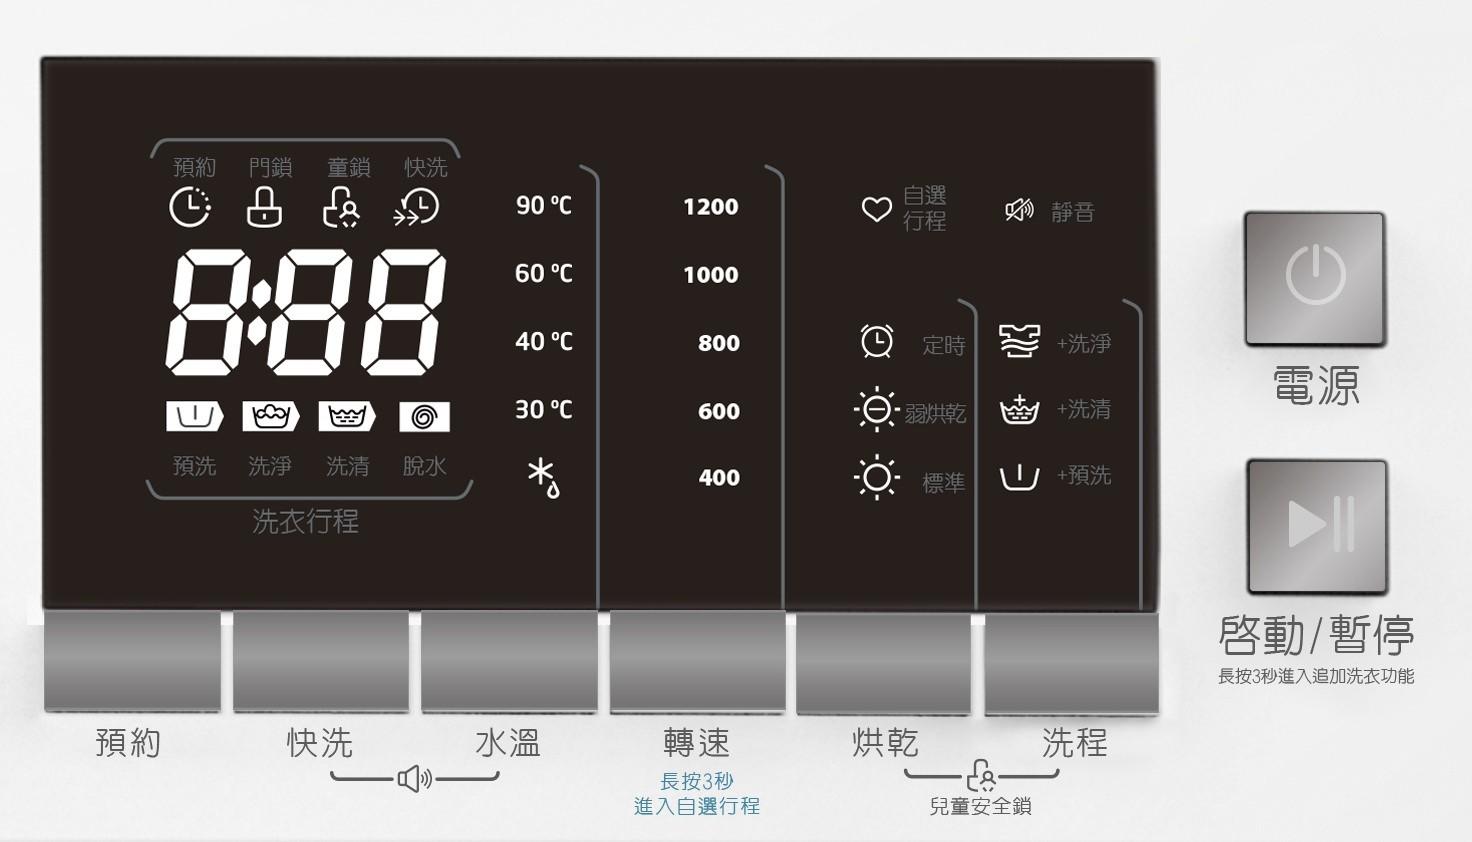 大同12KG變頻滾筒洗衣機》洗脫烘省時省力好乾淨 不佔空間解救小家庭(TAW-R120DA) - yukiblog.tw